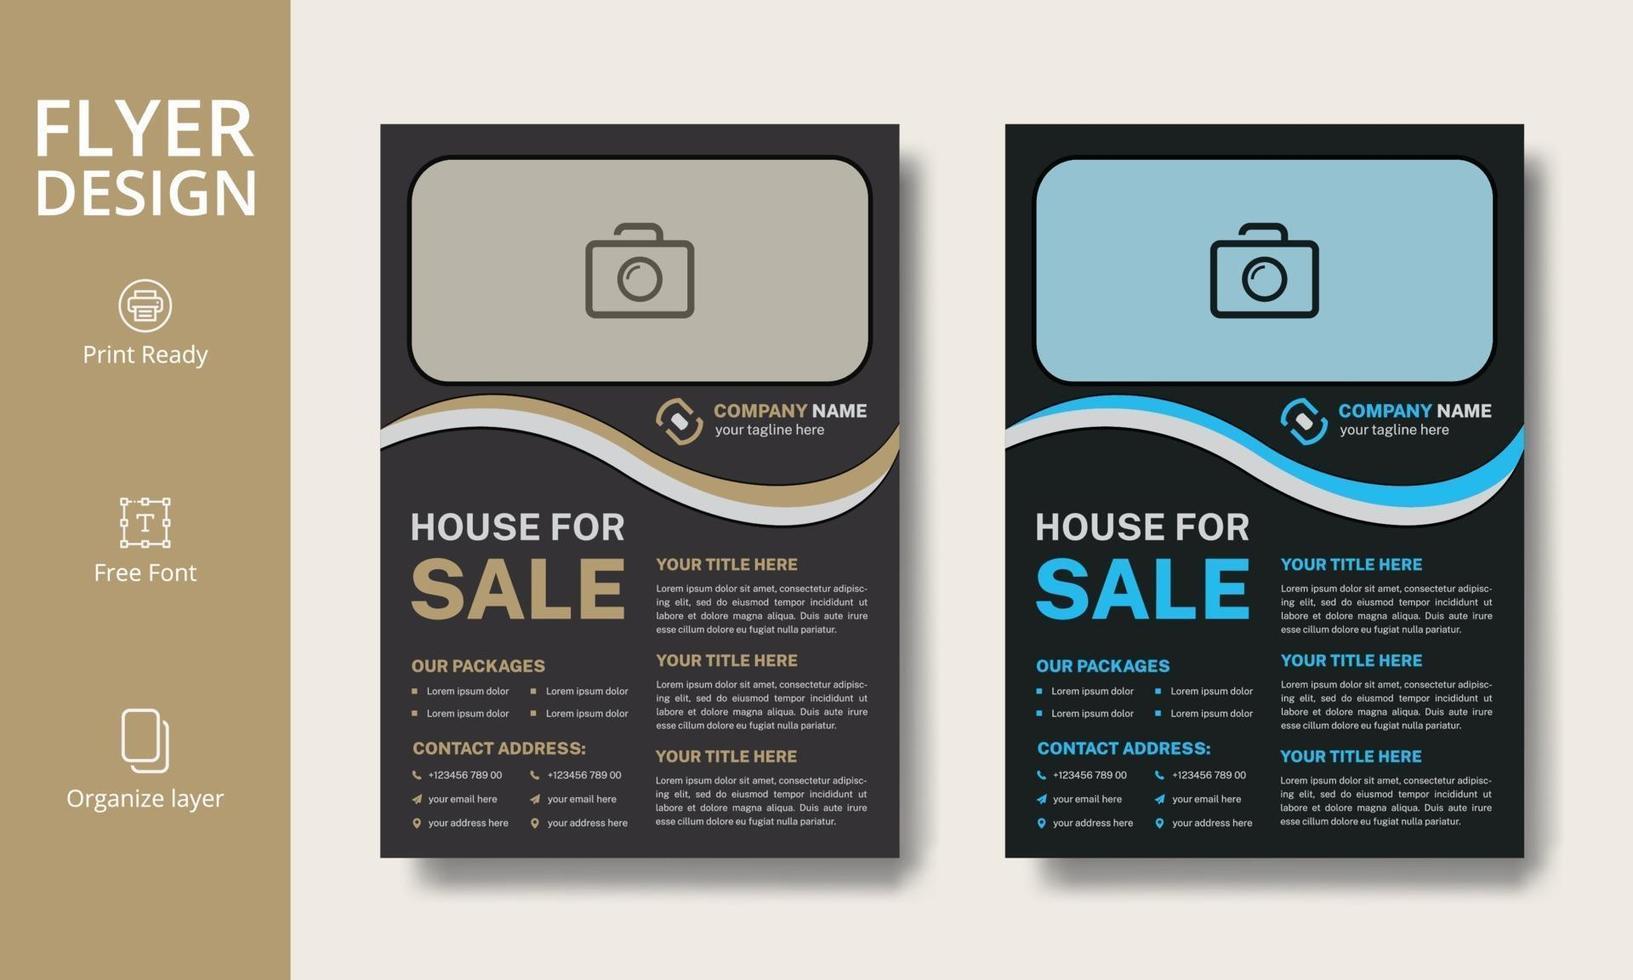 moderne Immobilienwerbung blau und ocker Flyer Design-Vorlage, a4 Größe mit Anschnitt, druckbereit, editierbar vektor